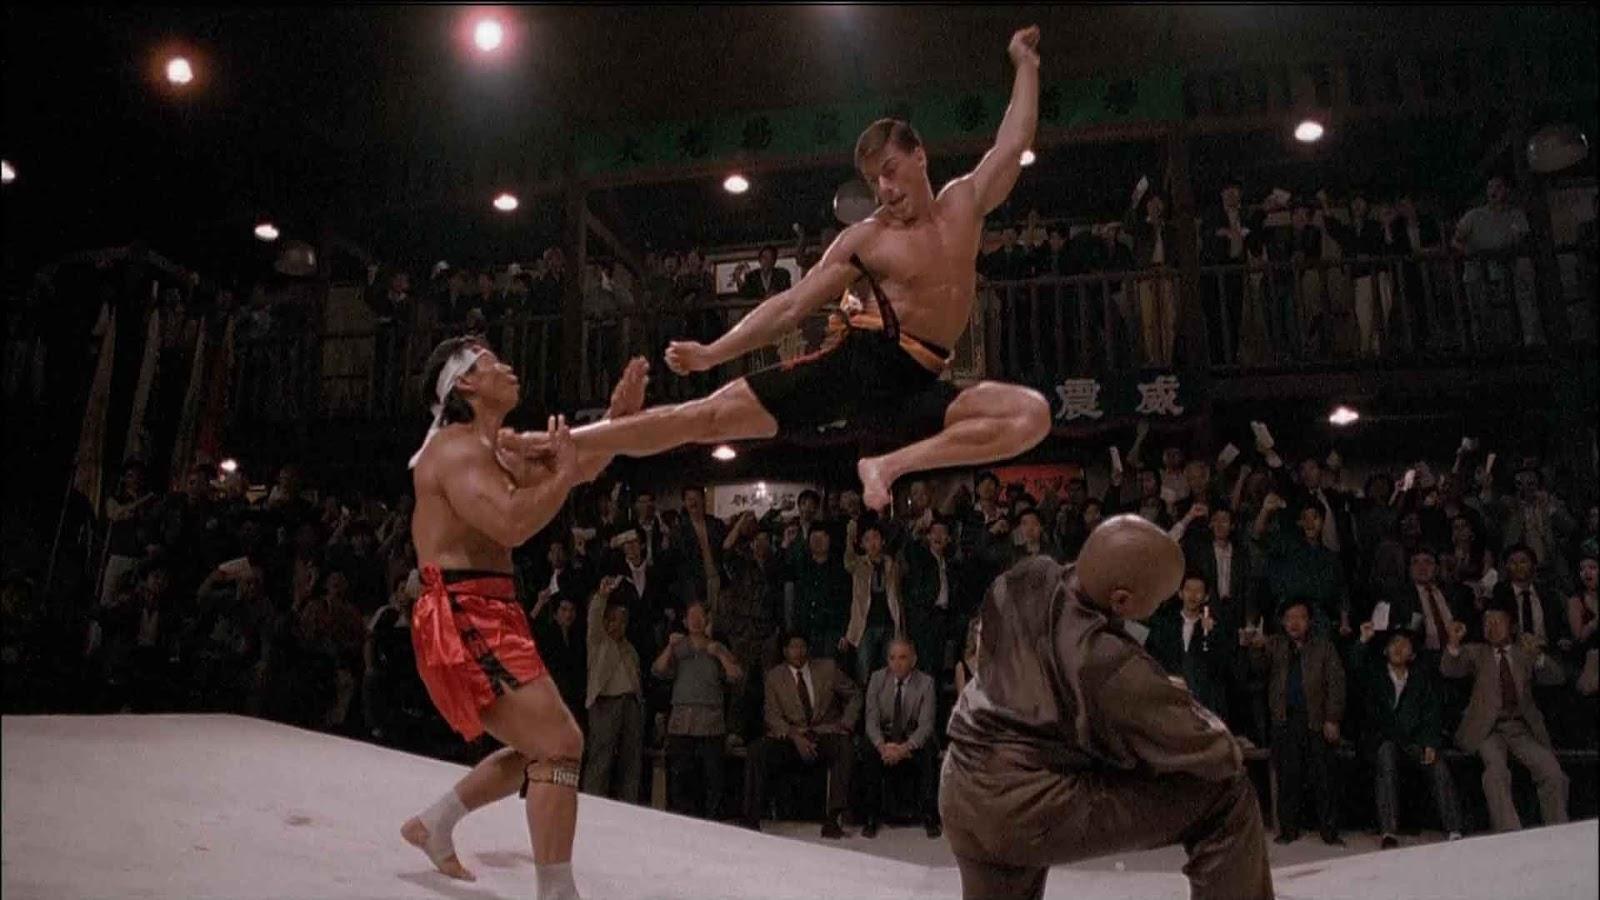 http://2.bp.blogspot.com/-9q4GM3WLm1M/Ue02Gwz7QeI/AAAAAAAABQA/yzvuqzKBLGE/s1600/bs-jump-kick-wide-lr1.jpg